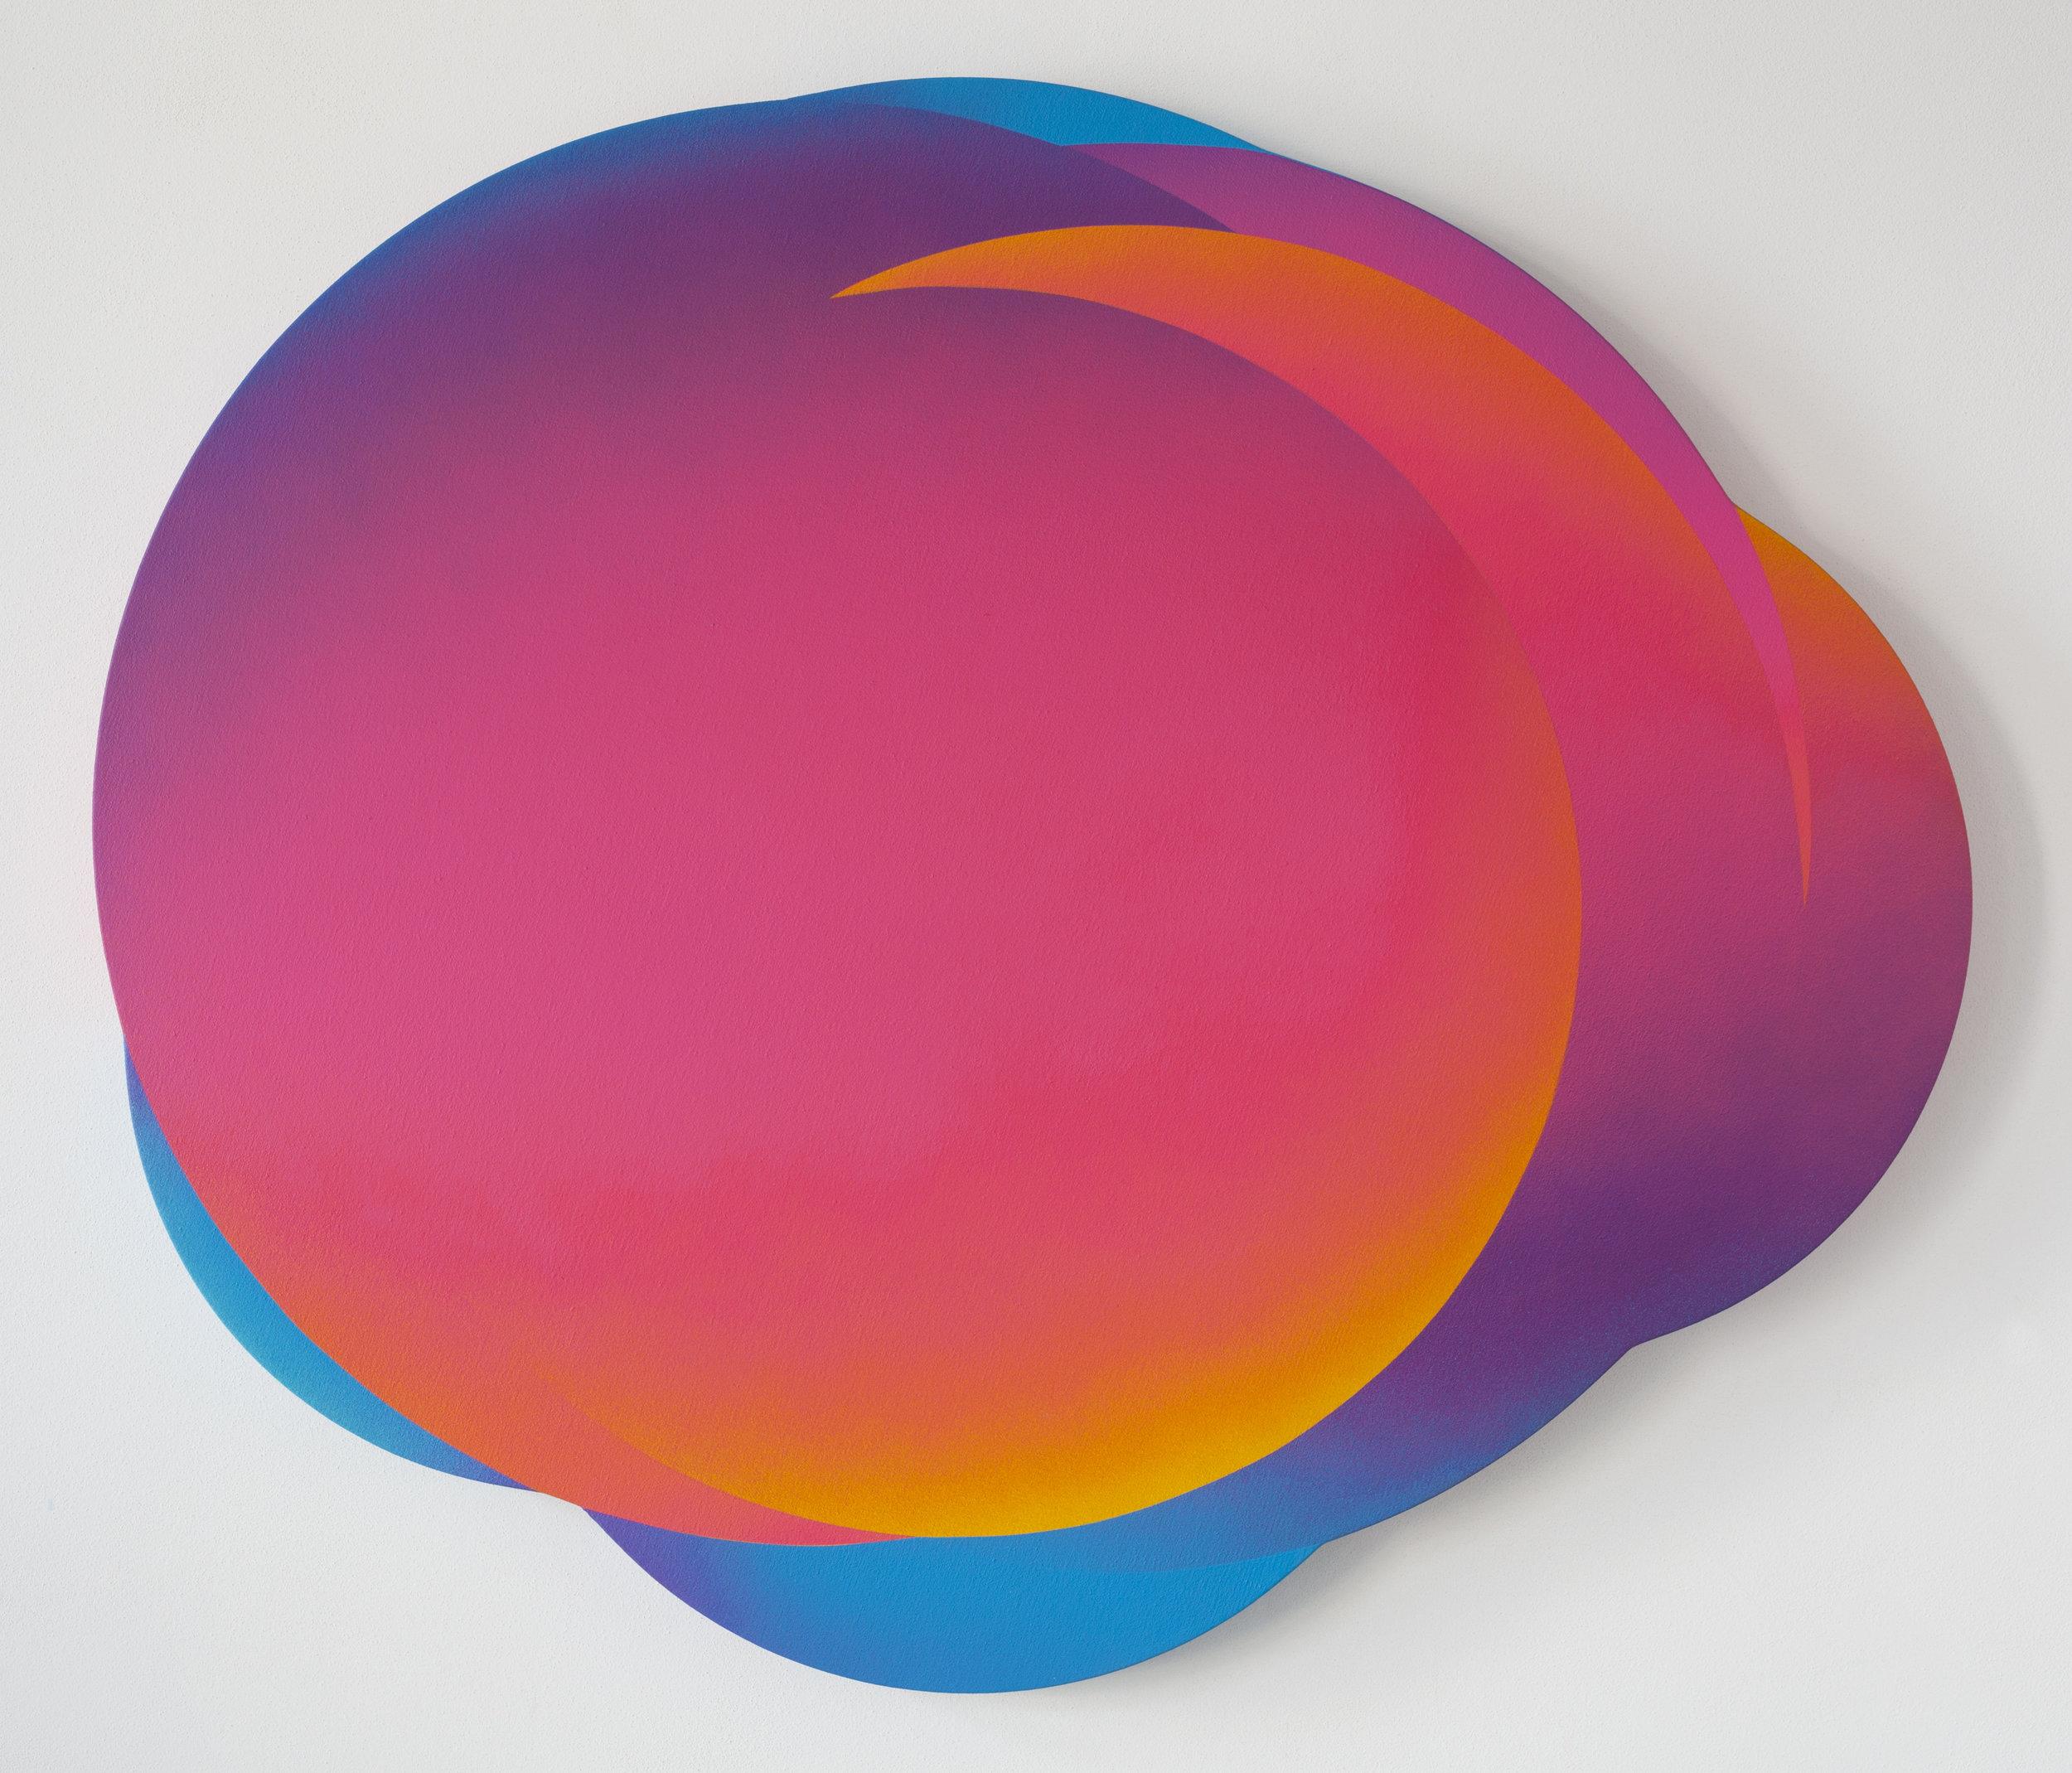 Cloud 9, 2017, Acrylic on Canvas, Ø 95 cm (37.4 in)